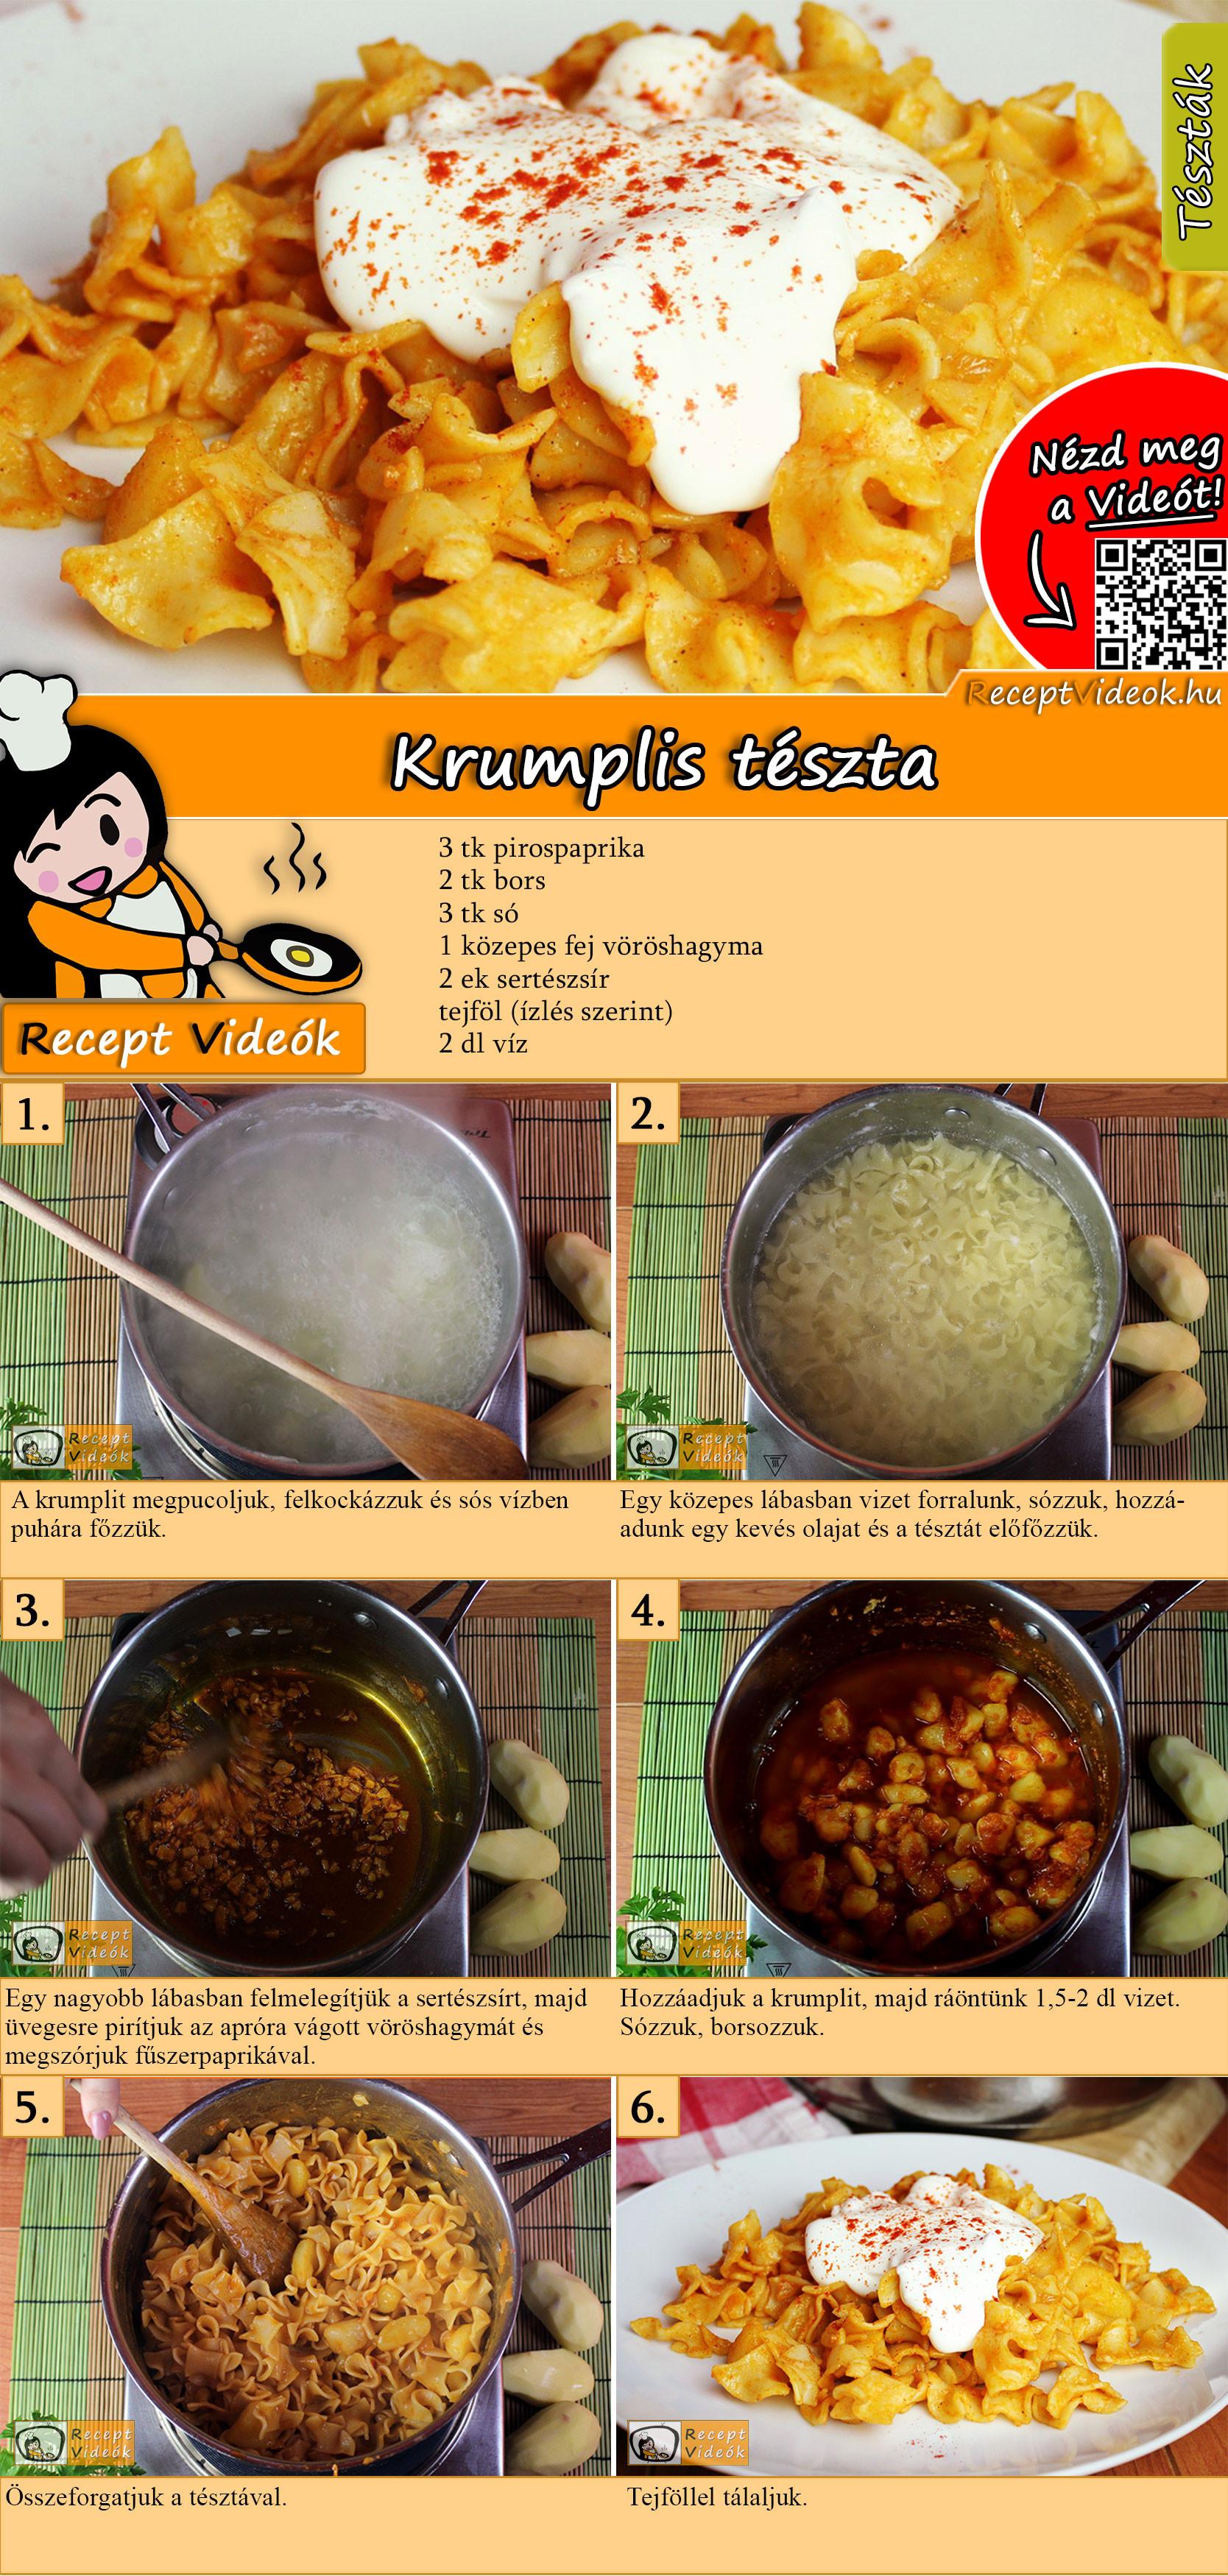 Krumplis tészta recept elkészítése videóval